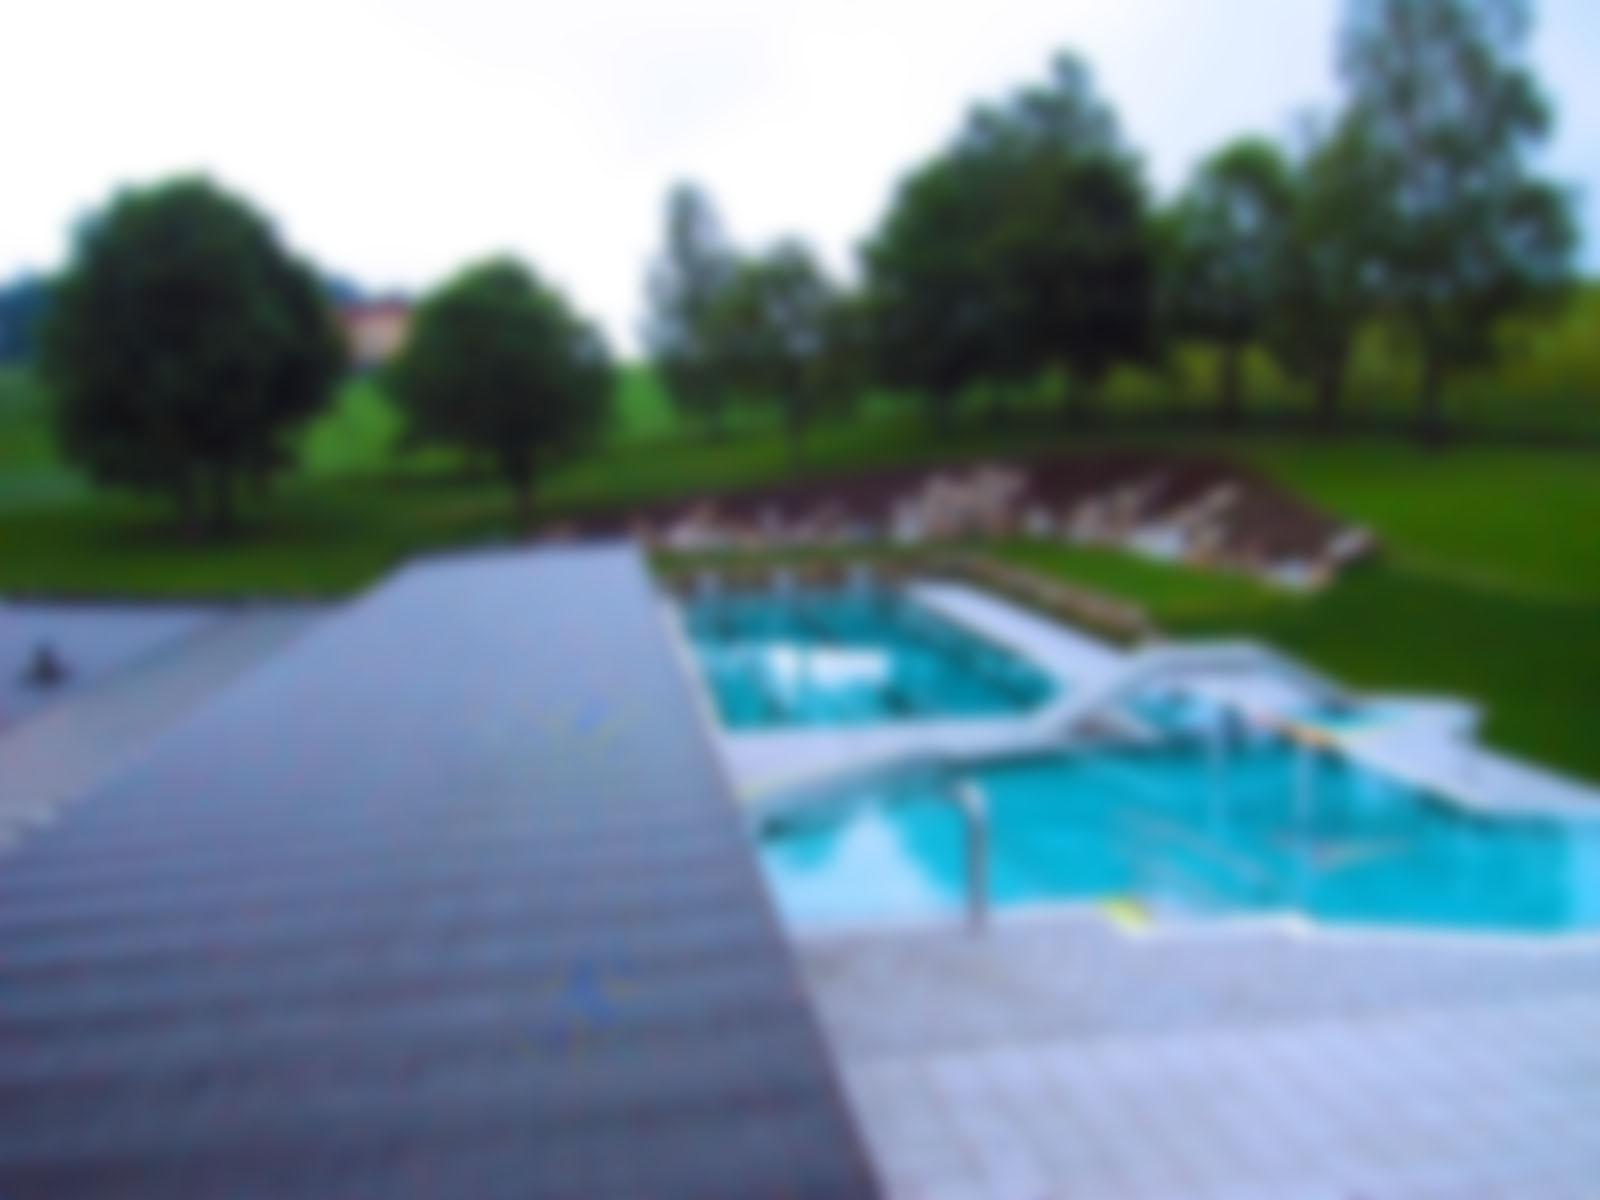 chauffage-solaire-piscine-france-koveo-19340